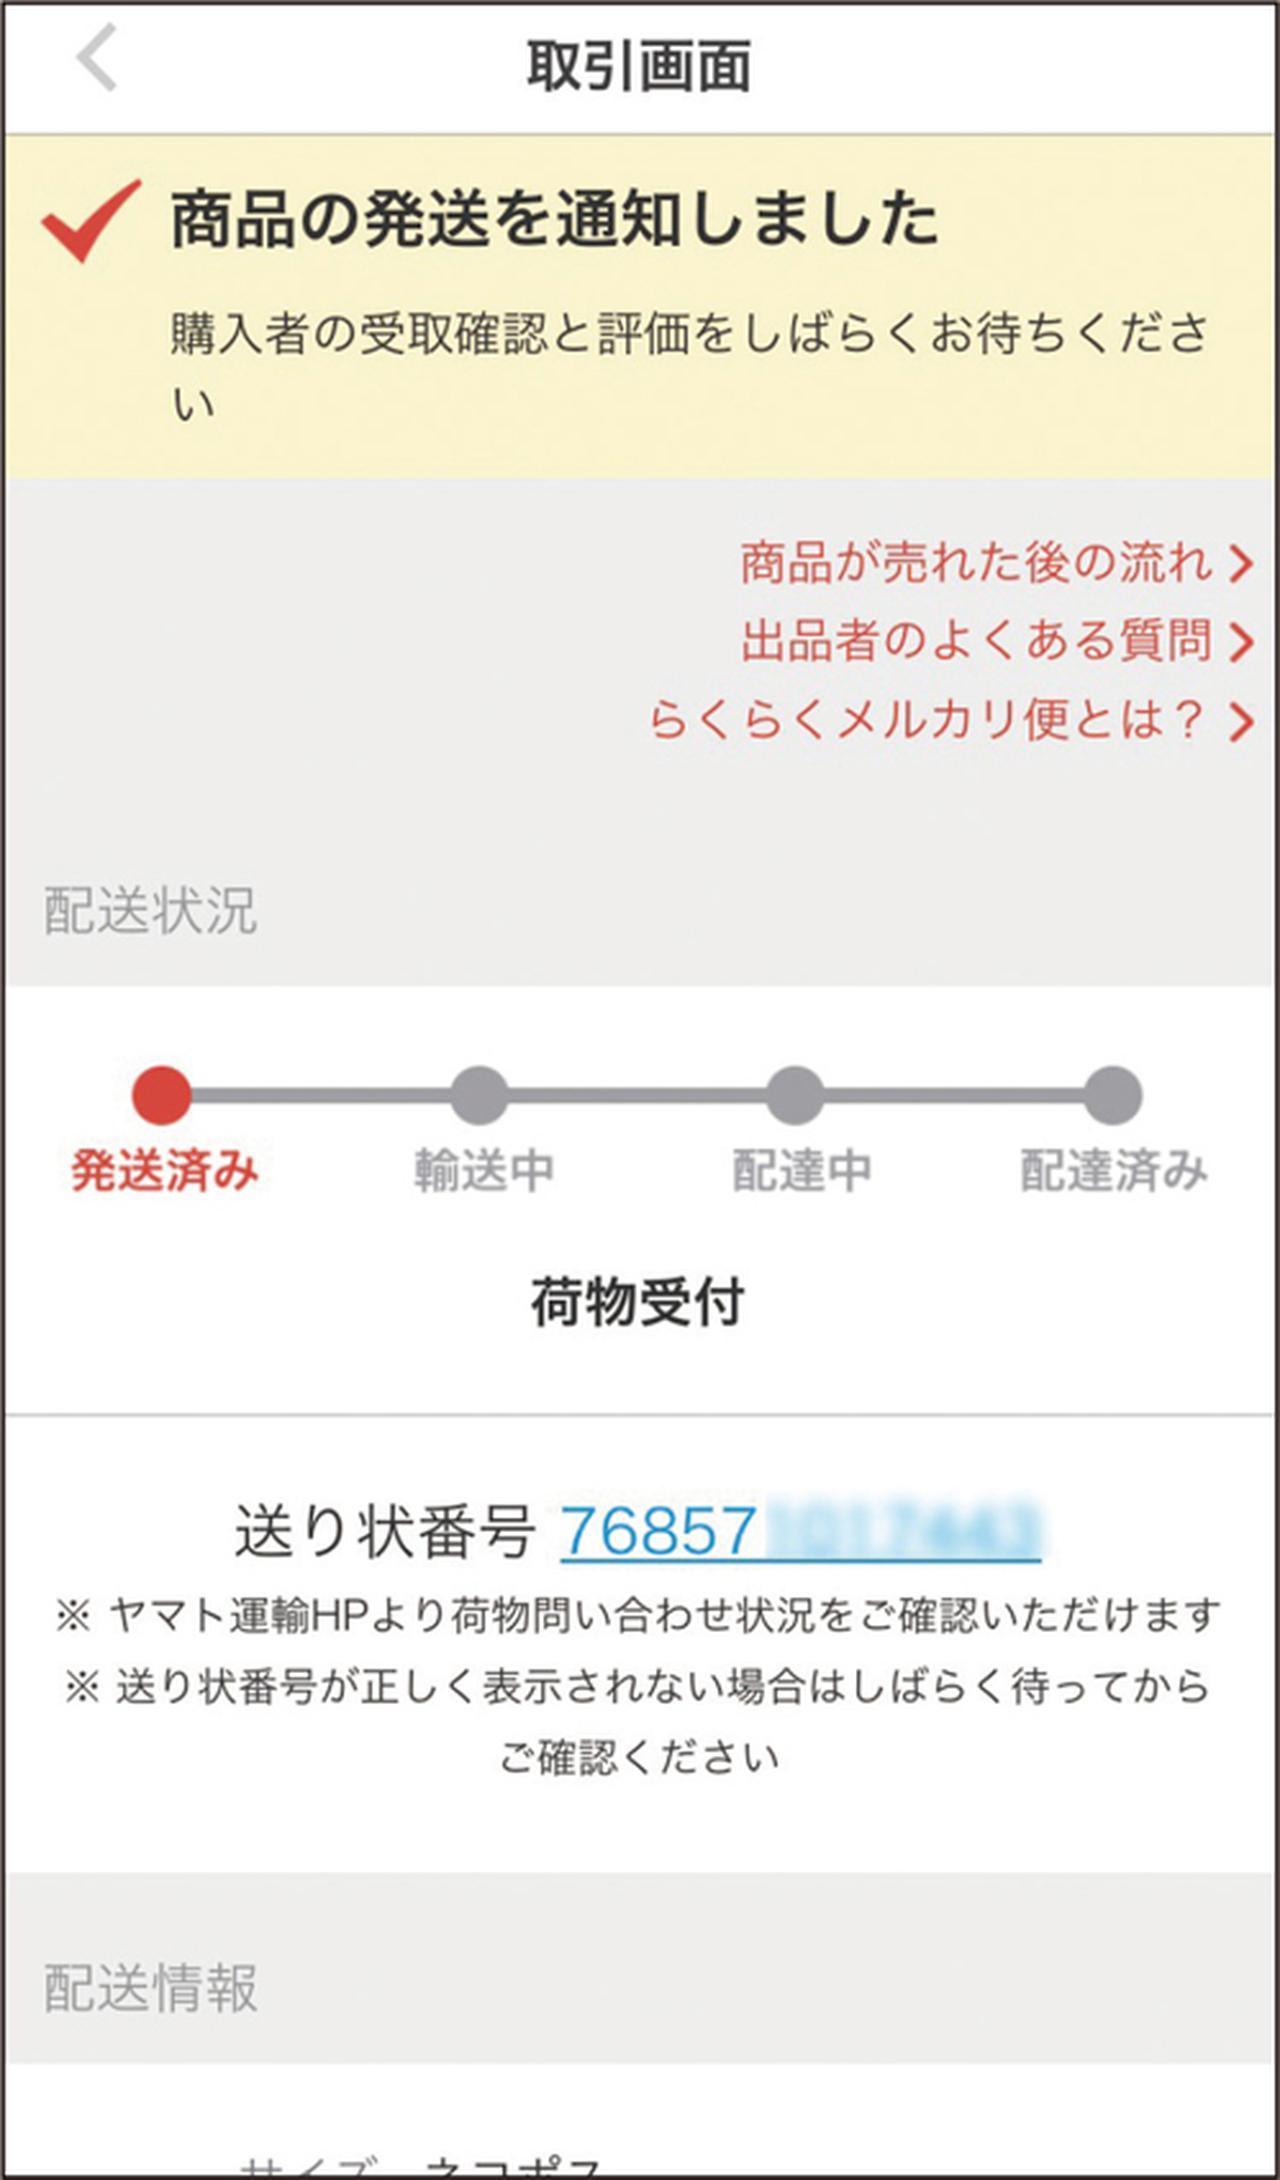 画像: 商品を発送すると、購入者にも通知が届く。あとは、相手が受け取ってくれるのを待つだけだ。